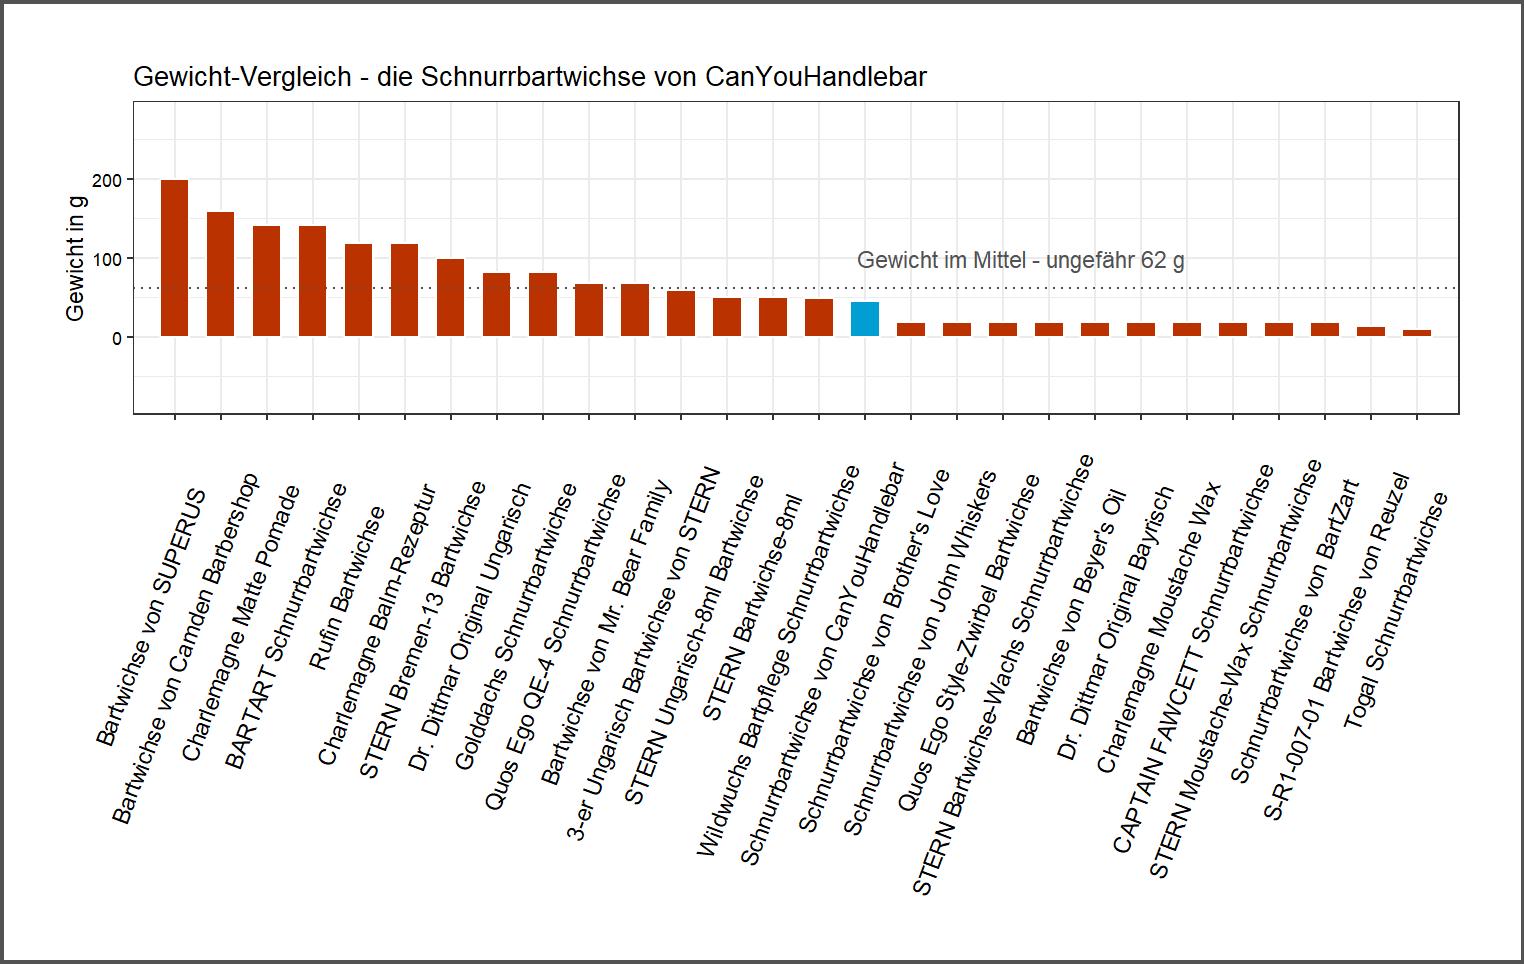 Produktgewicht-Vergleich von der CanYouHandlebar Schnurrbartwichse